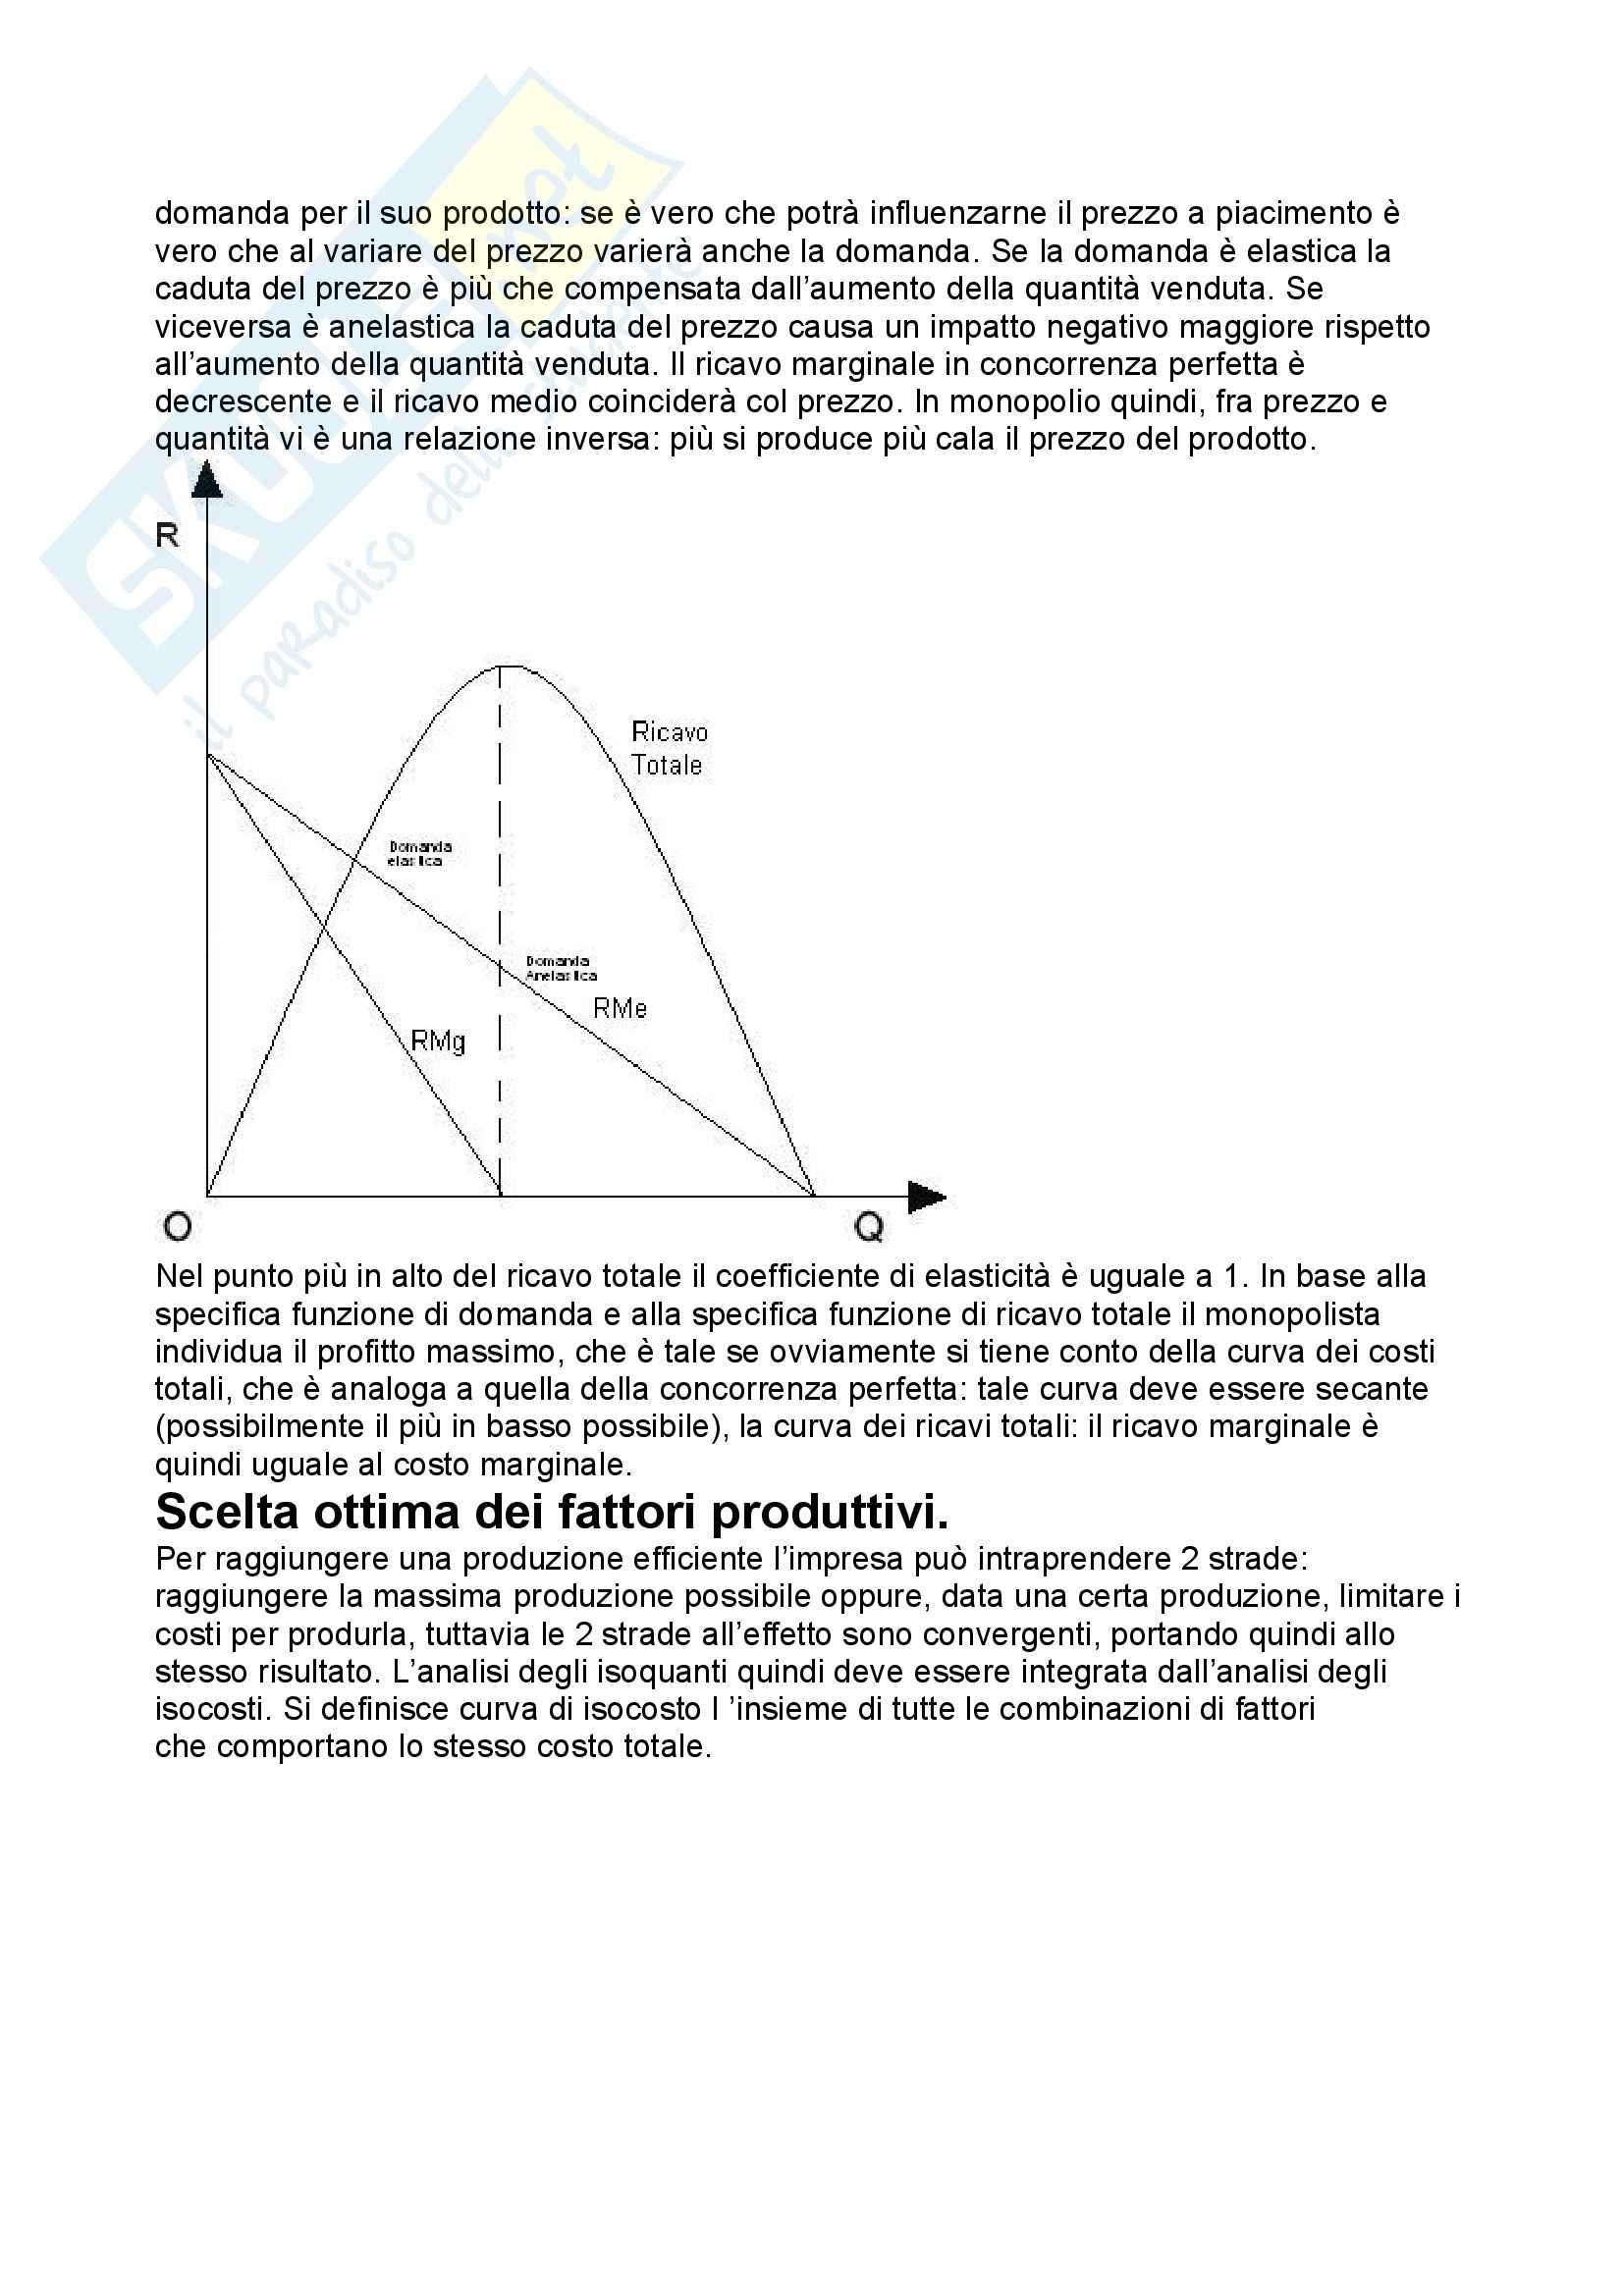 Economia politica - l'impresa Pag. 6